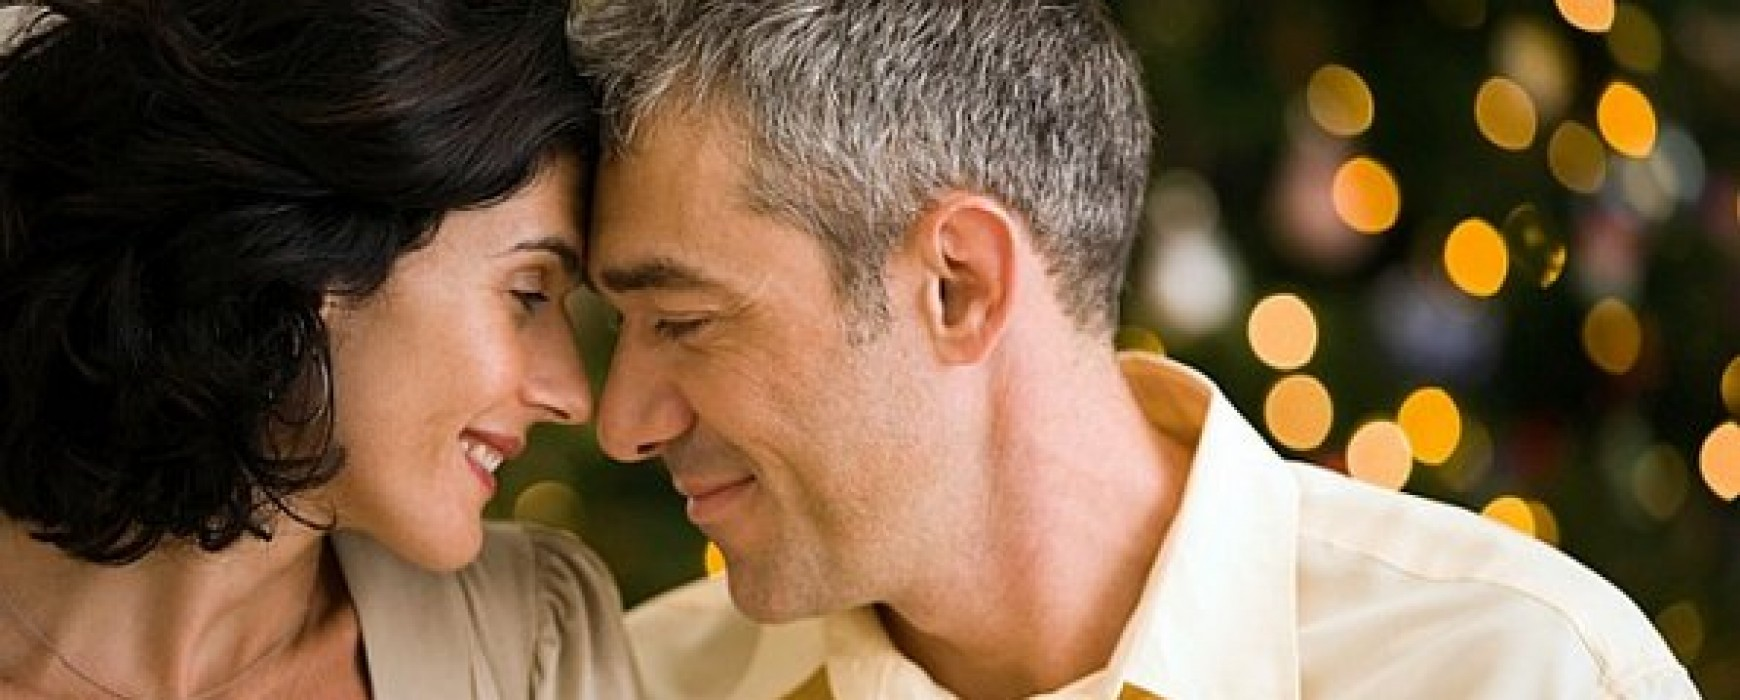 Renovar a intimidade no casal